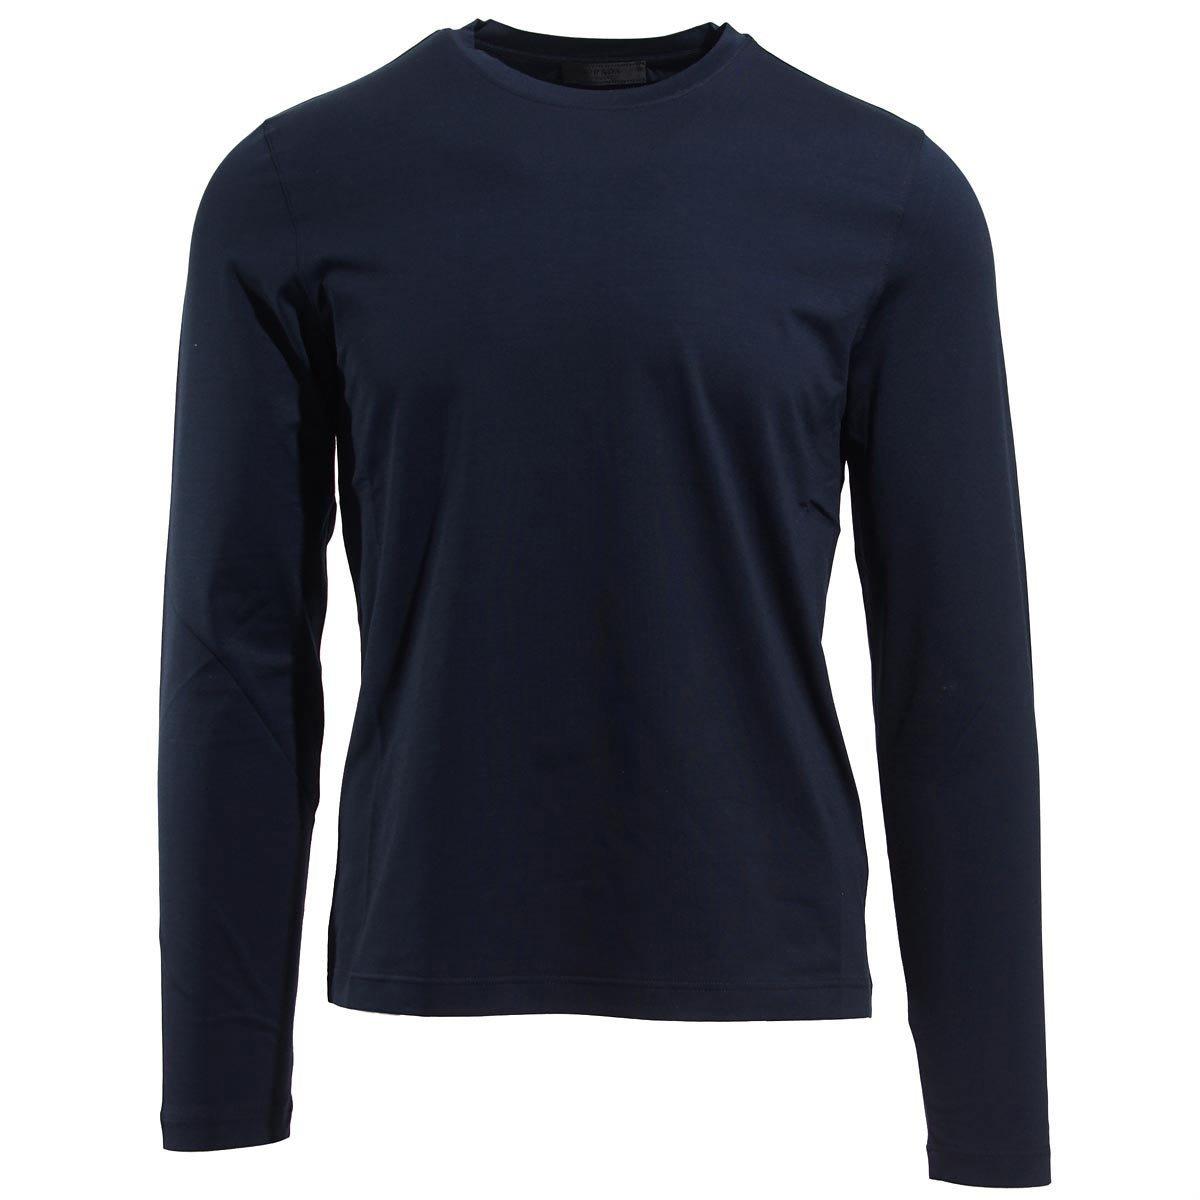 (プラダ) PRADA クルーネック 長袖Tシャツ [並行輸入品] B07F6WTR6S XL ネイビー ネイビー XL